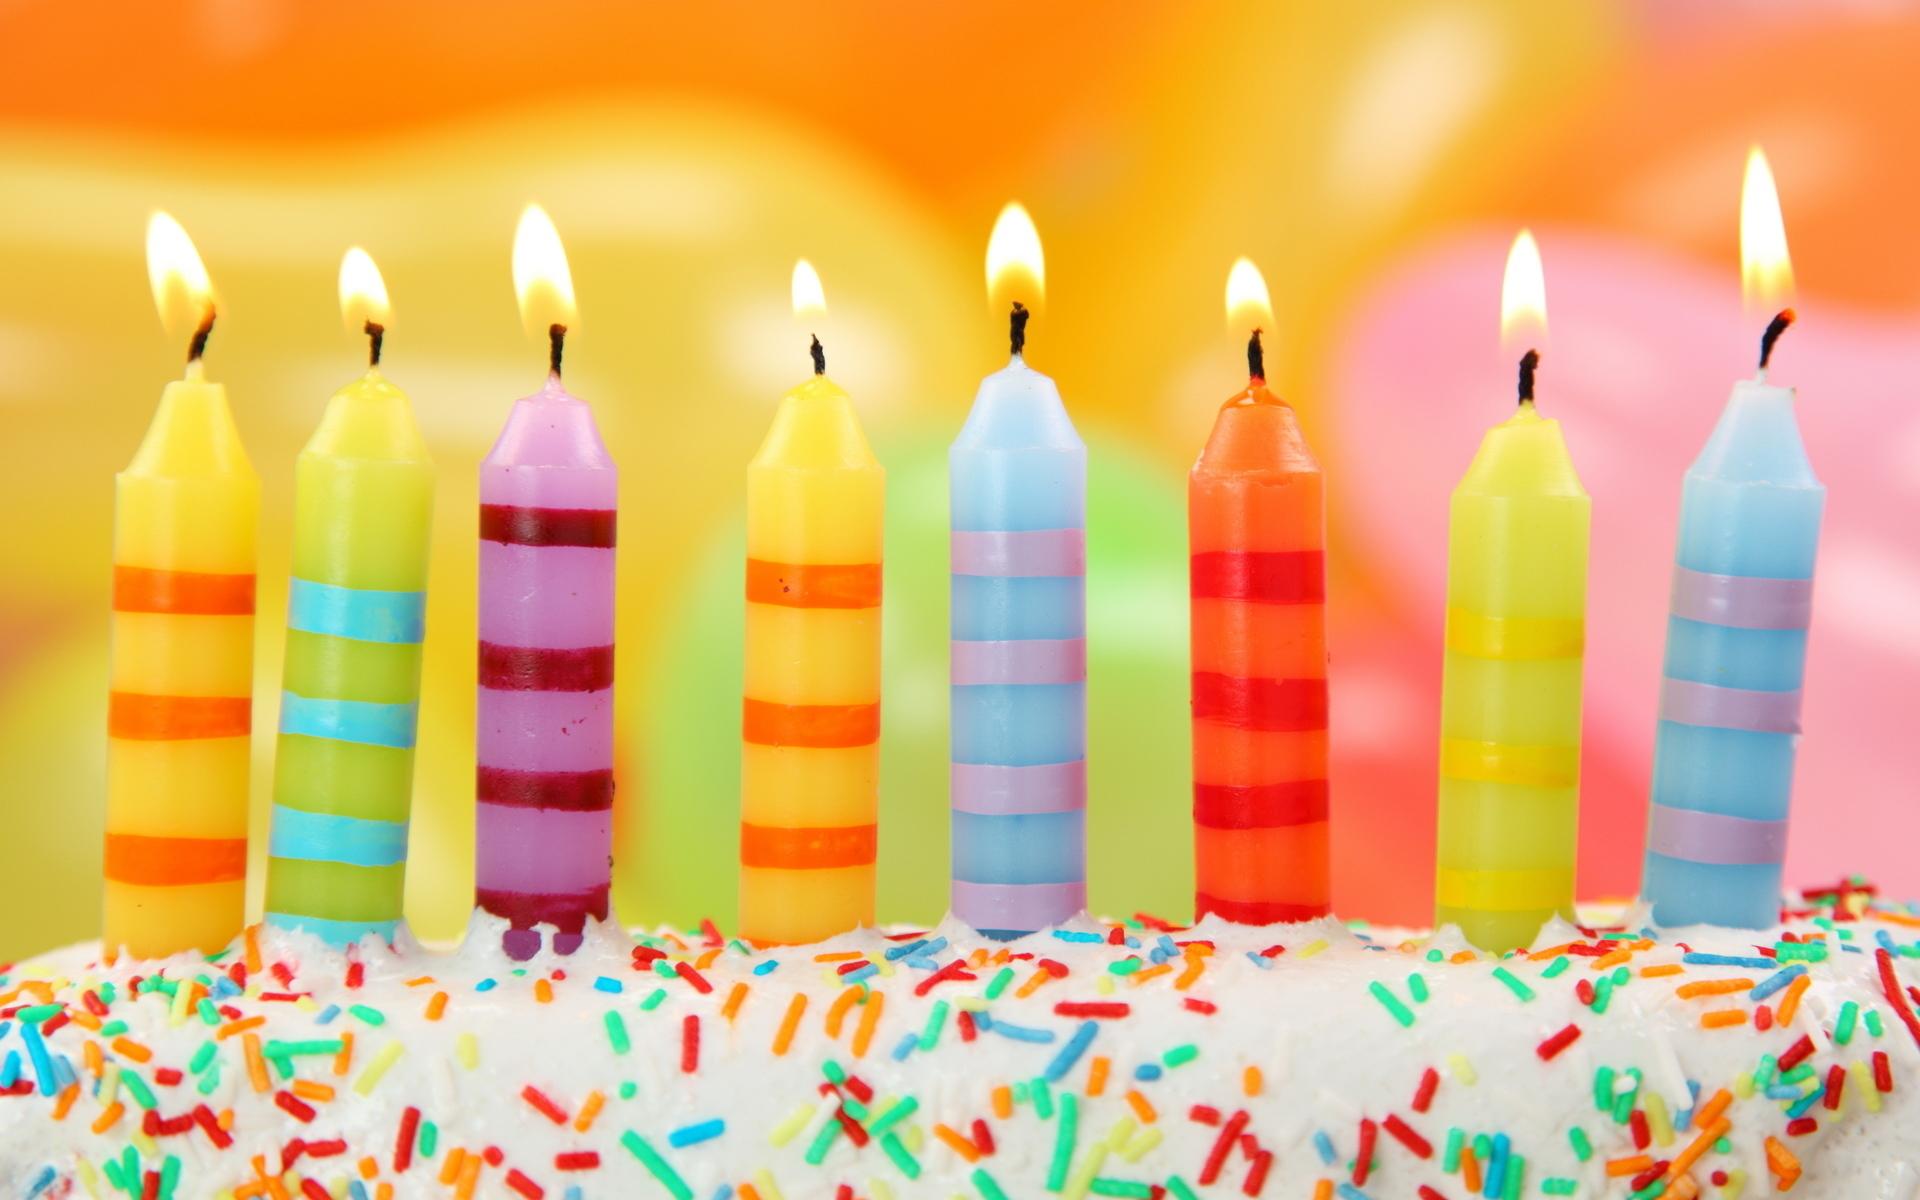 Праздничный торт со свечами - С Днем Рождения поздравительные картинки